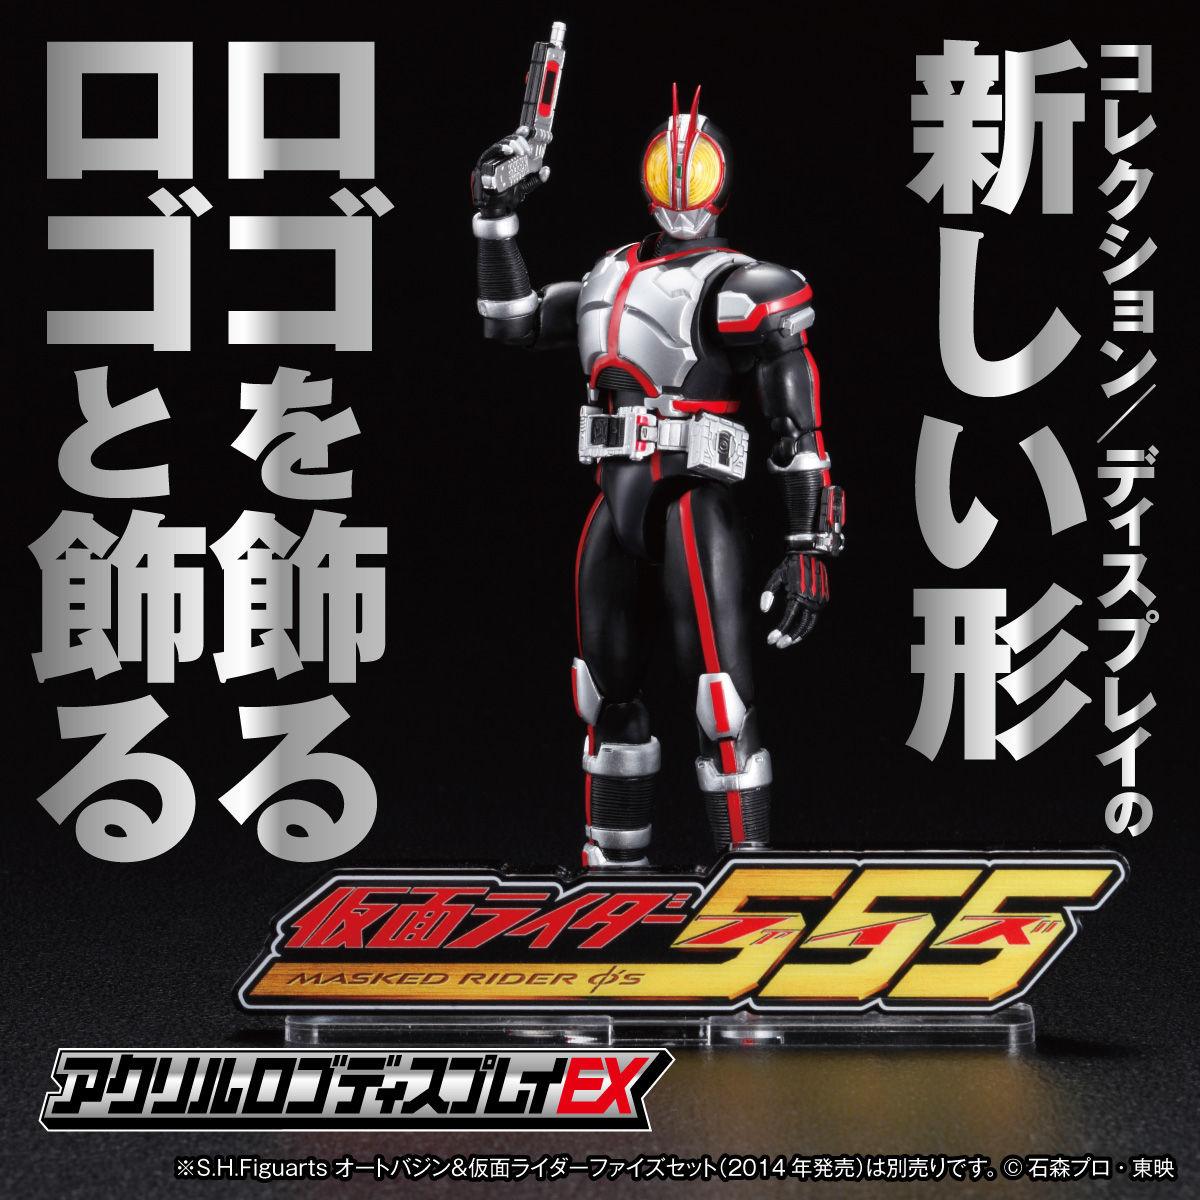 Acrylic Logo Display EX Kamen Rider 555 [Feb 2022 Delivery]